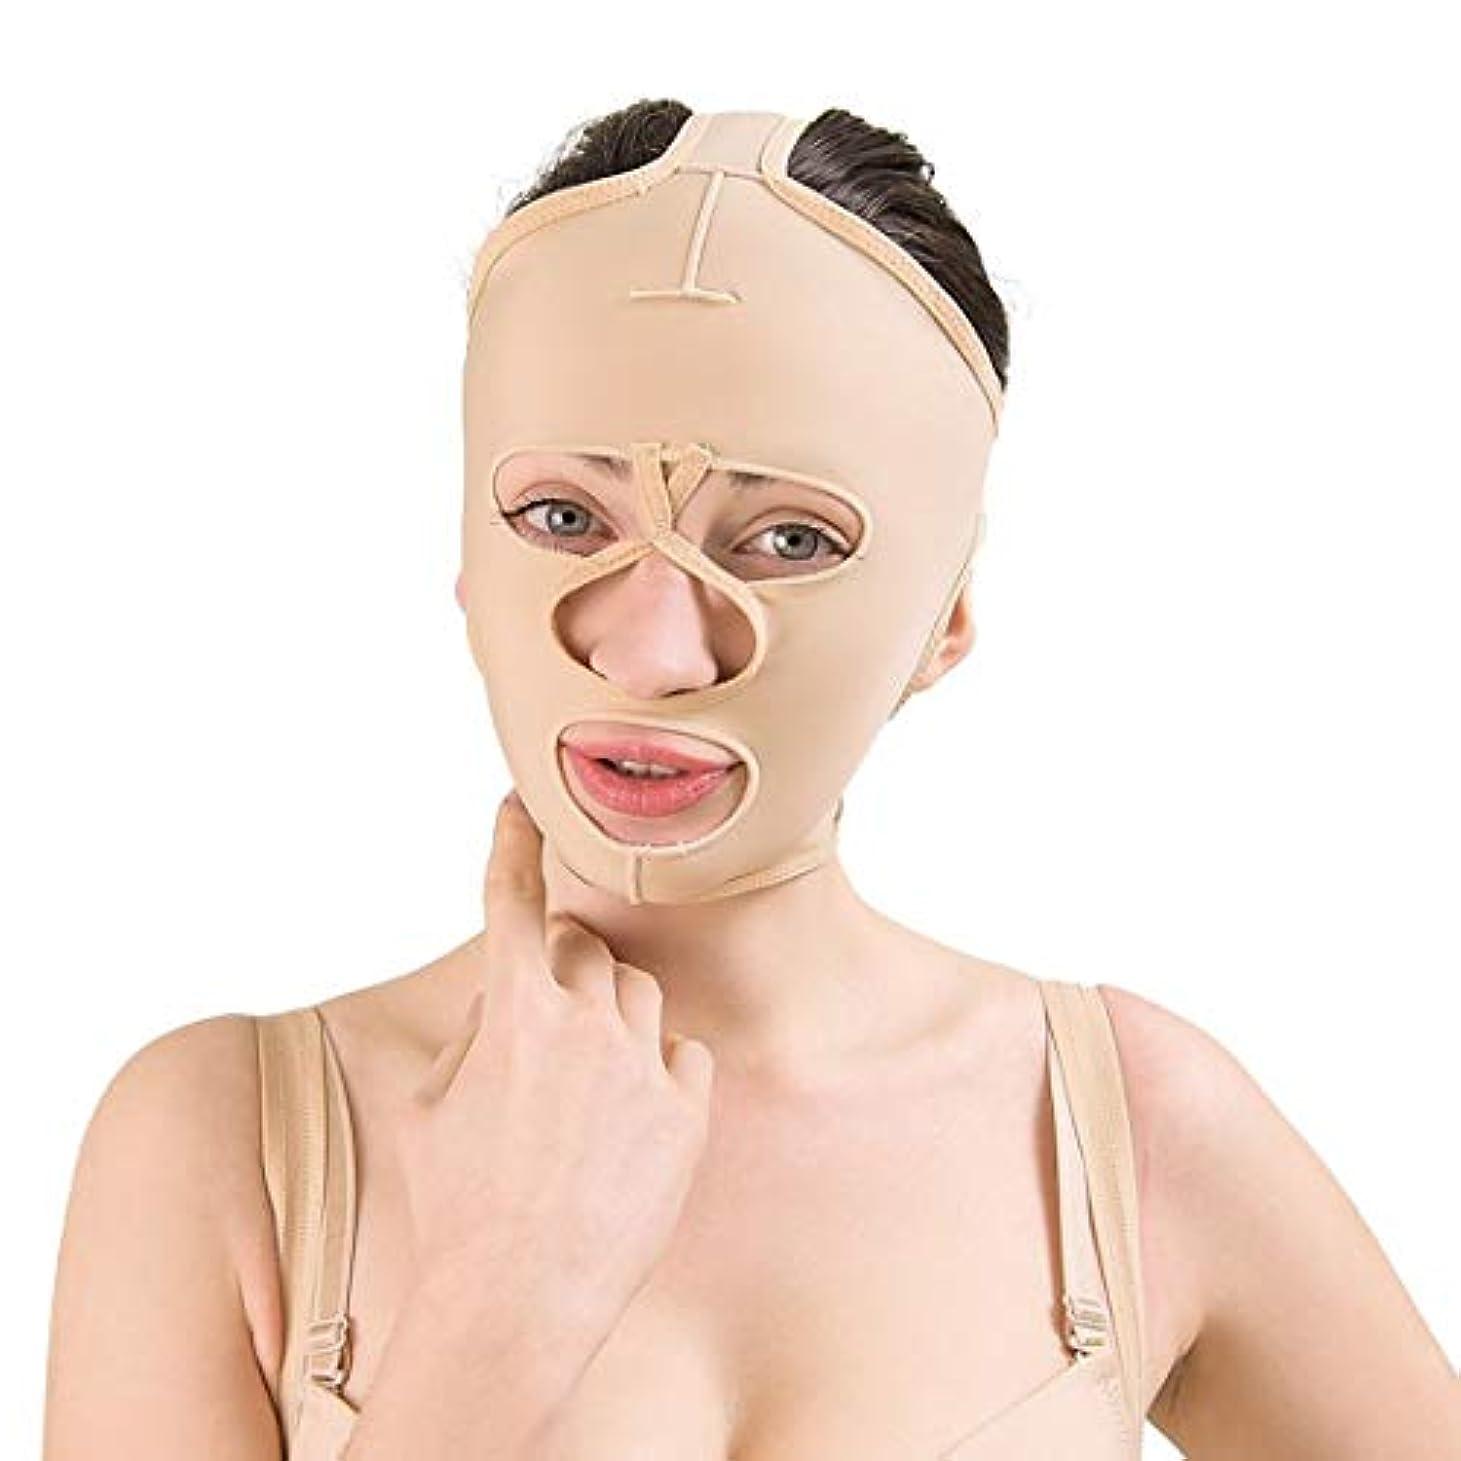 エンターテインメント残酷な凍ったZWBD フェイスマスク, フェイスリフト包帯医療弾性スリーブ顔面下顎形成外科術後圧縮下顎スリーブ補助修復マスクしわを削除する (Size : S)